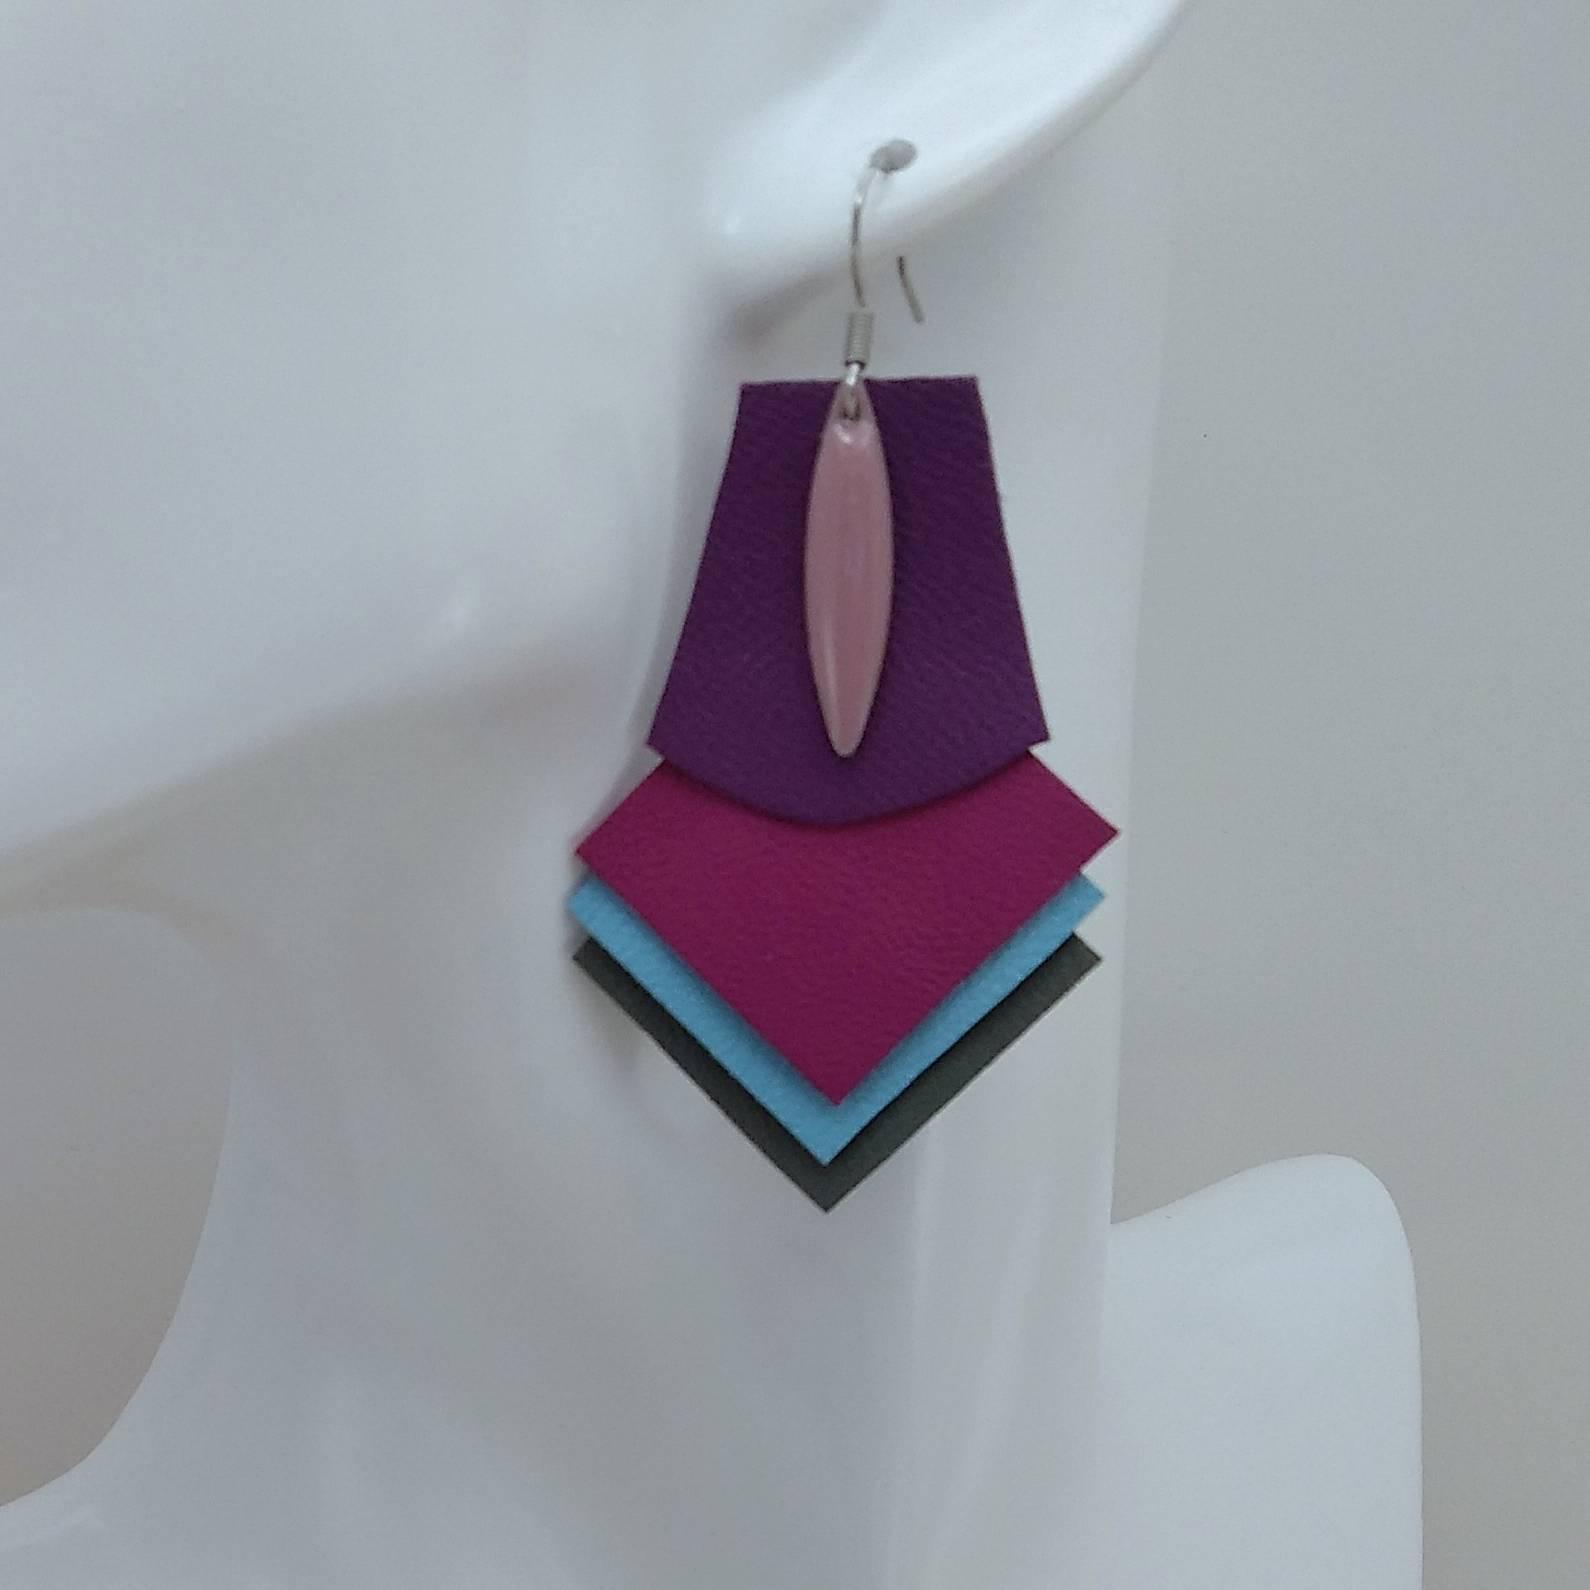 VENDUES ! B.O. FORMIDABLE modèle 1 Breloque navette rose et cuir améthyste/fuchsia/bleu azur/gris